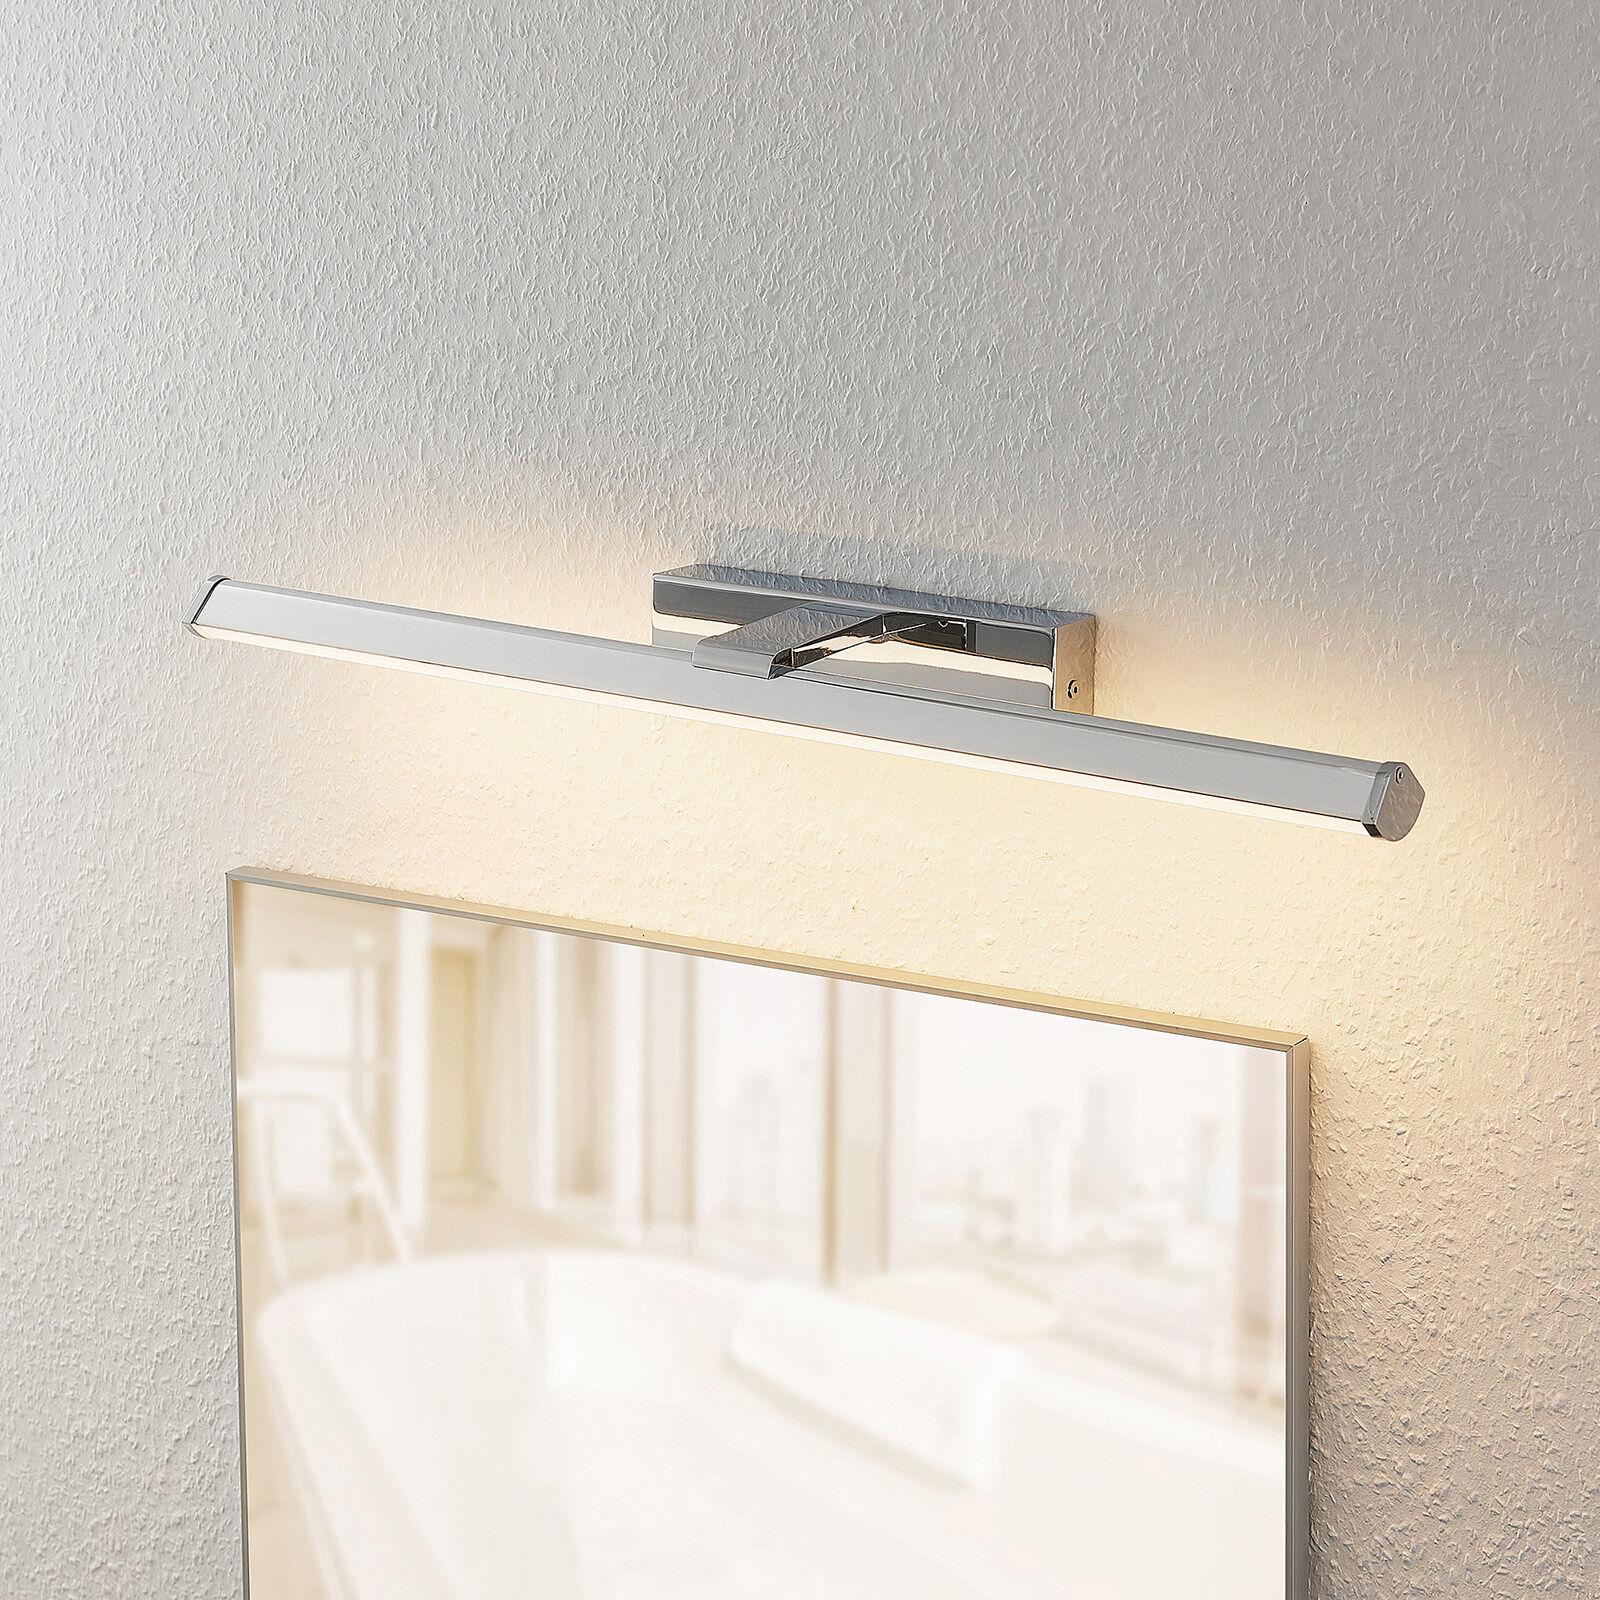 Lindby Lassi LED-spejllampe, 927 lm